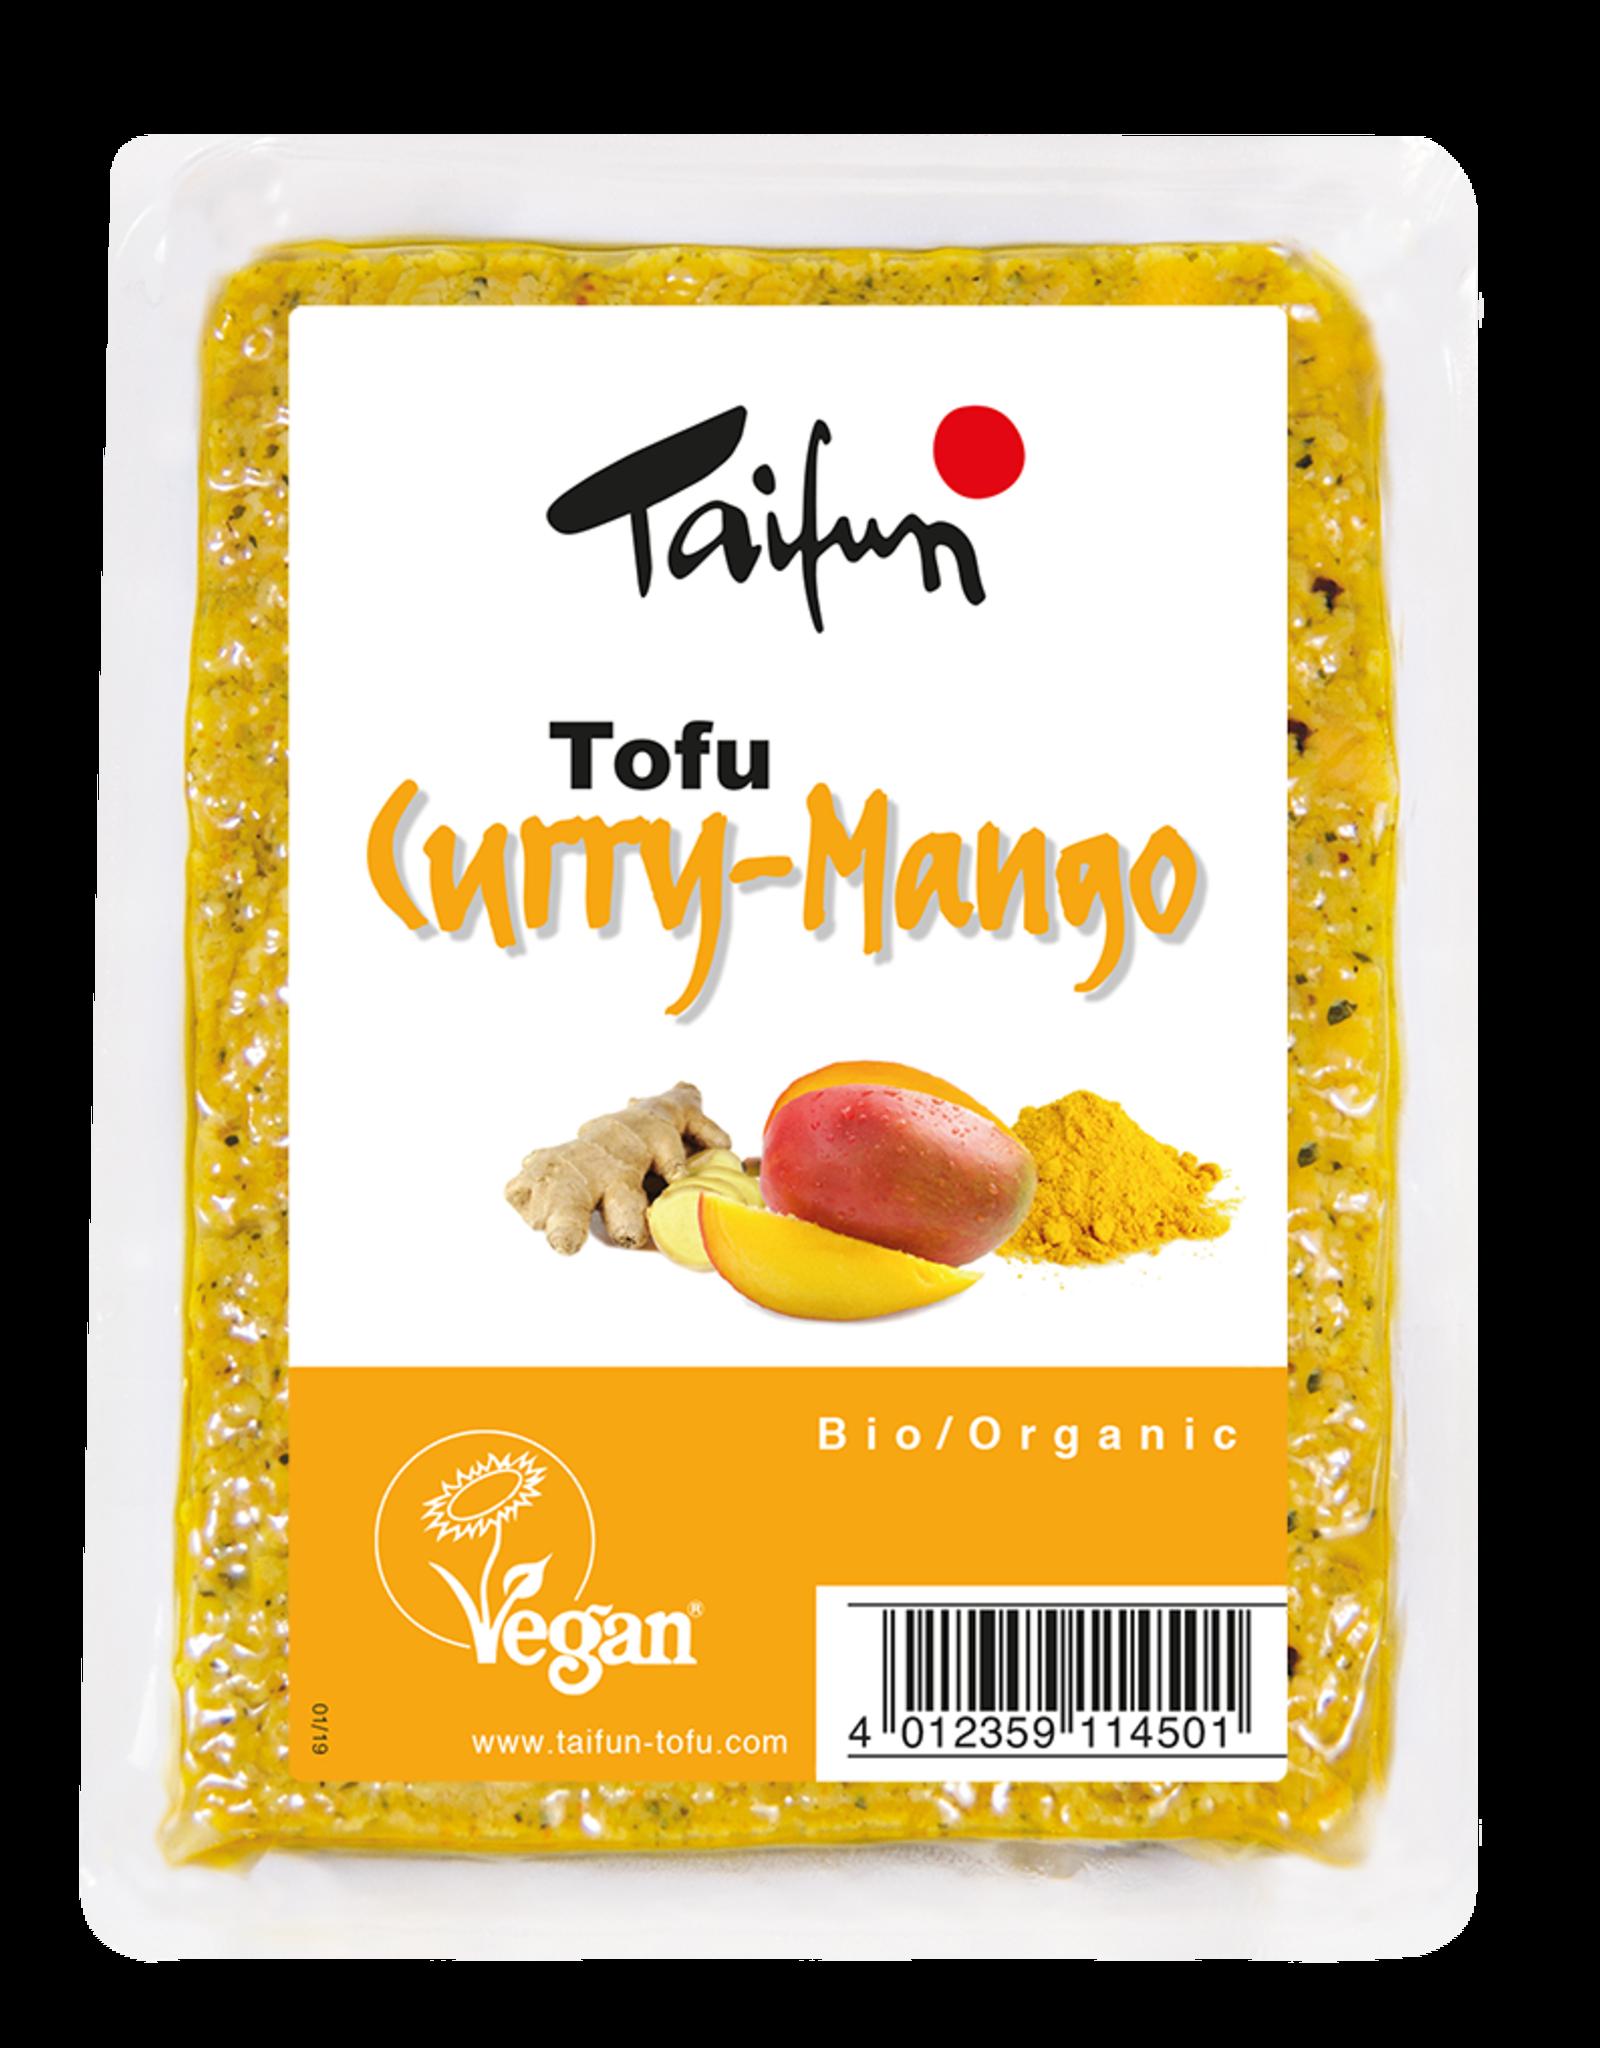 TAIFUN TOFU CON CURRY Y MANGO BIO, 200 g